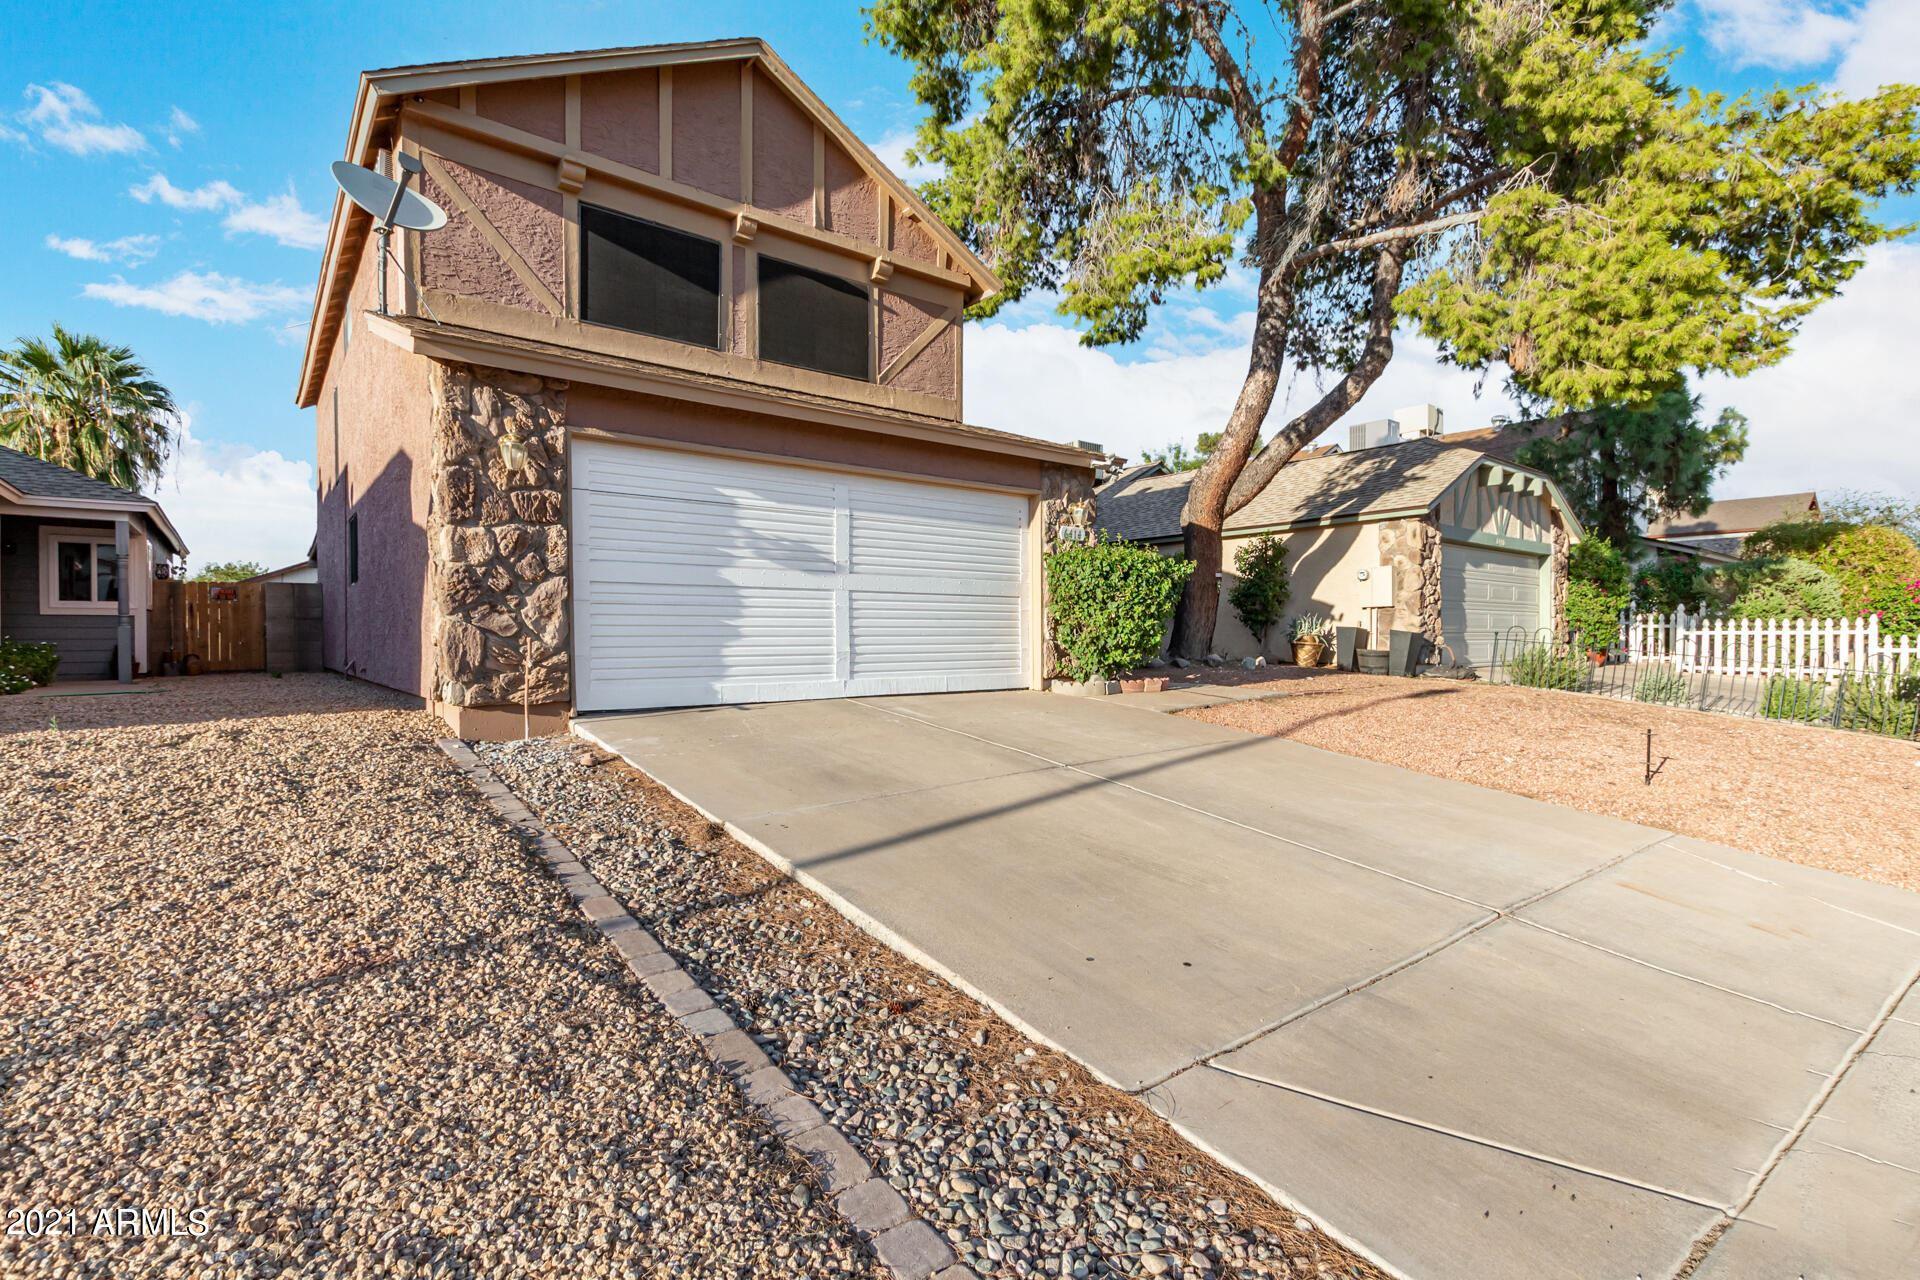 Photo of 6414 W MERCER Lane, Glendale, AZ 85304 (MLS # 6290874)